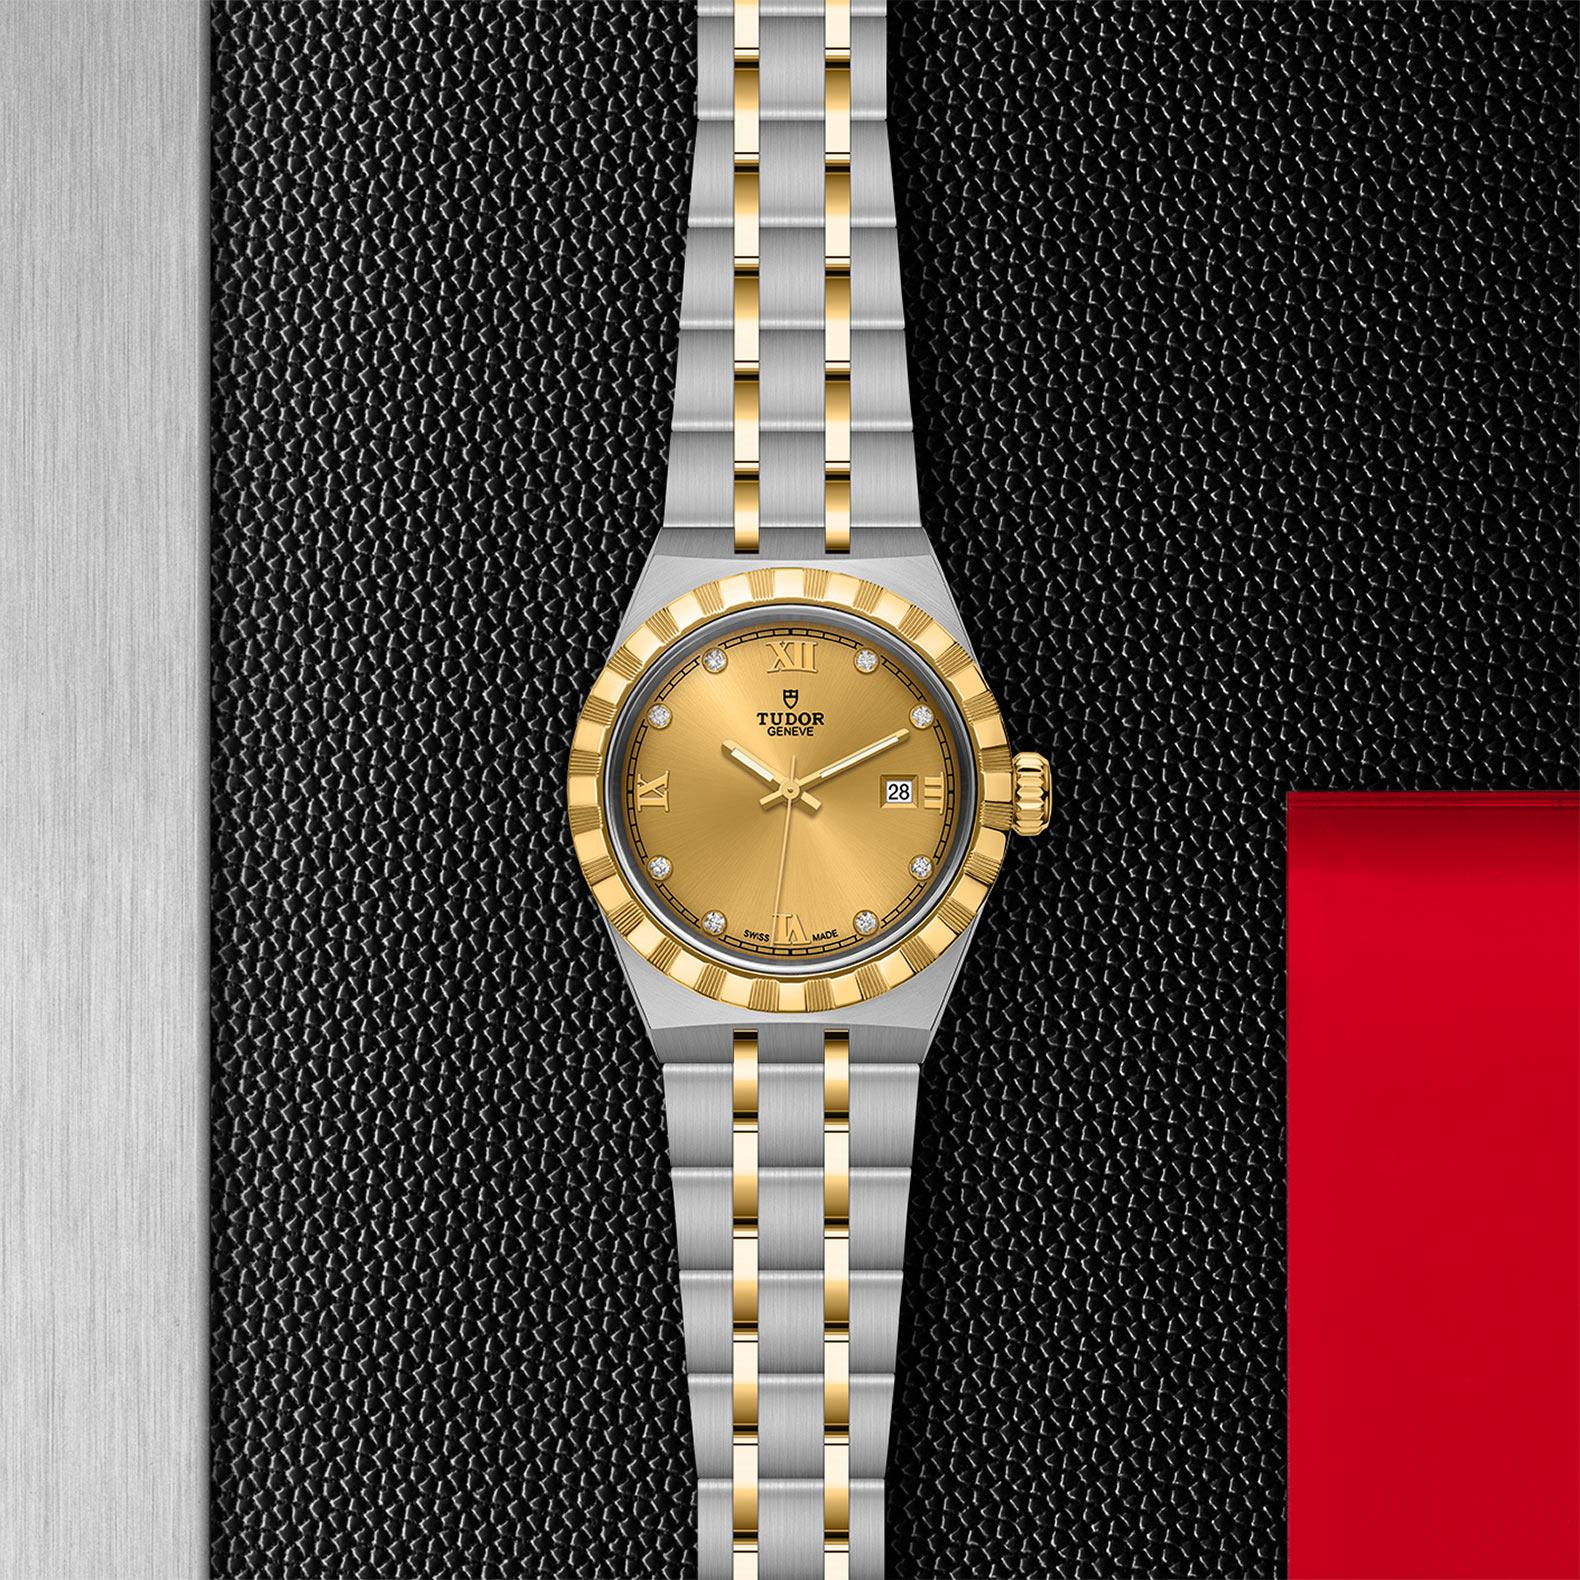 TUDOR Royal - M28303-0006